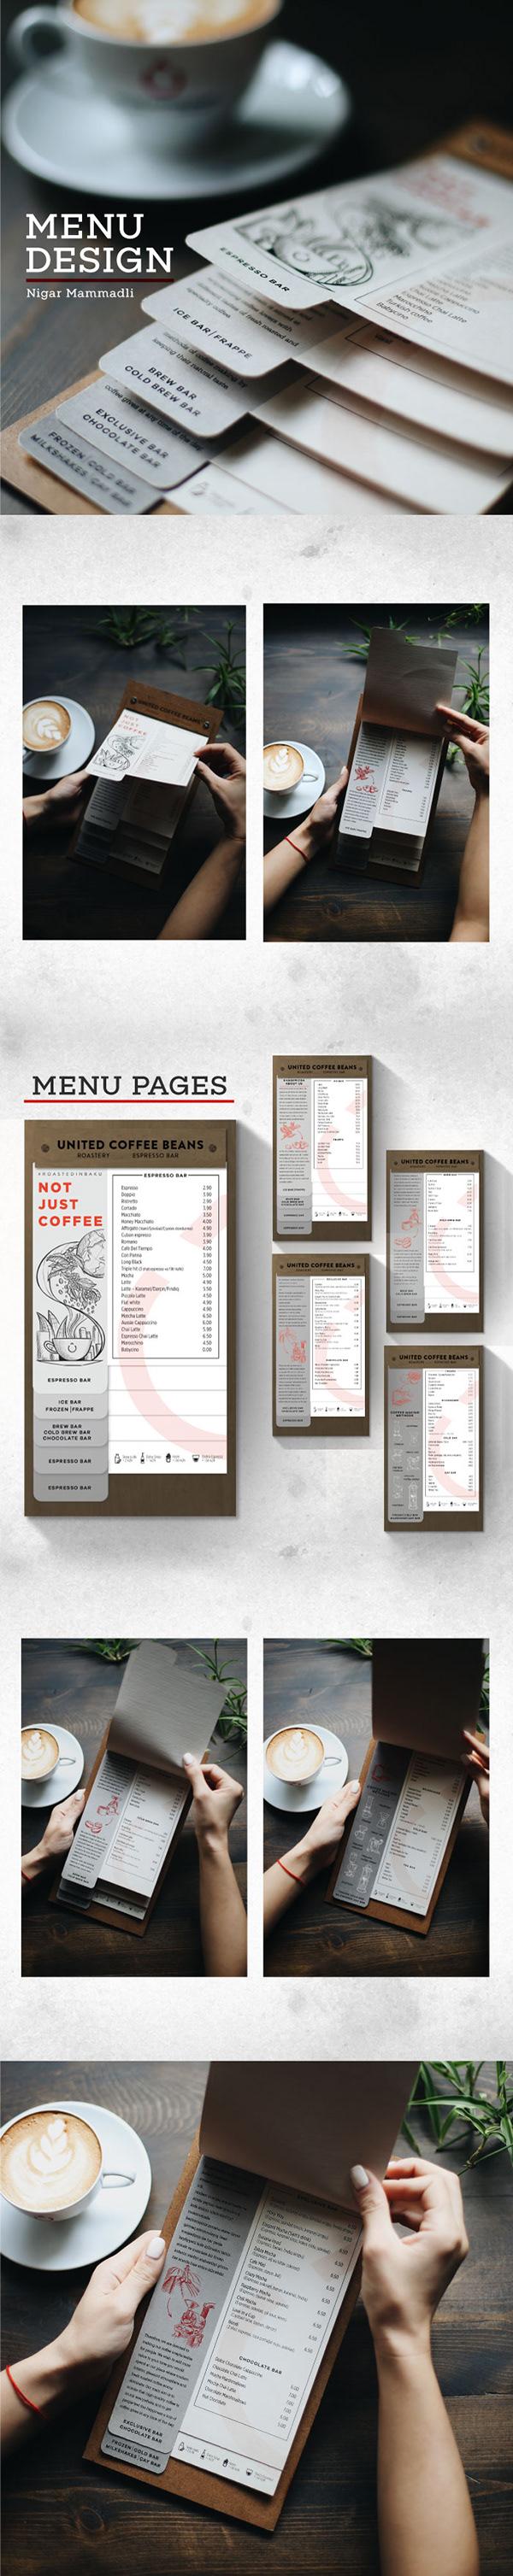 高質量的29款菜單設計範本欣賞